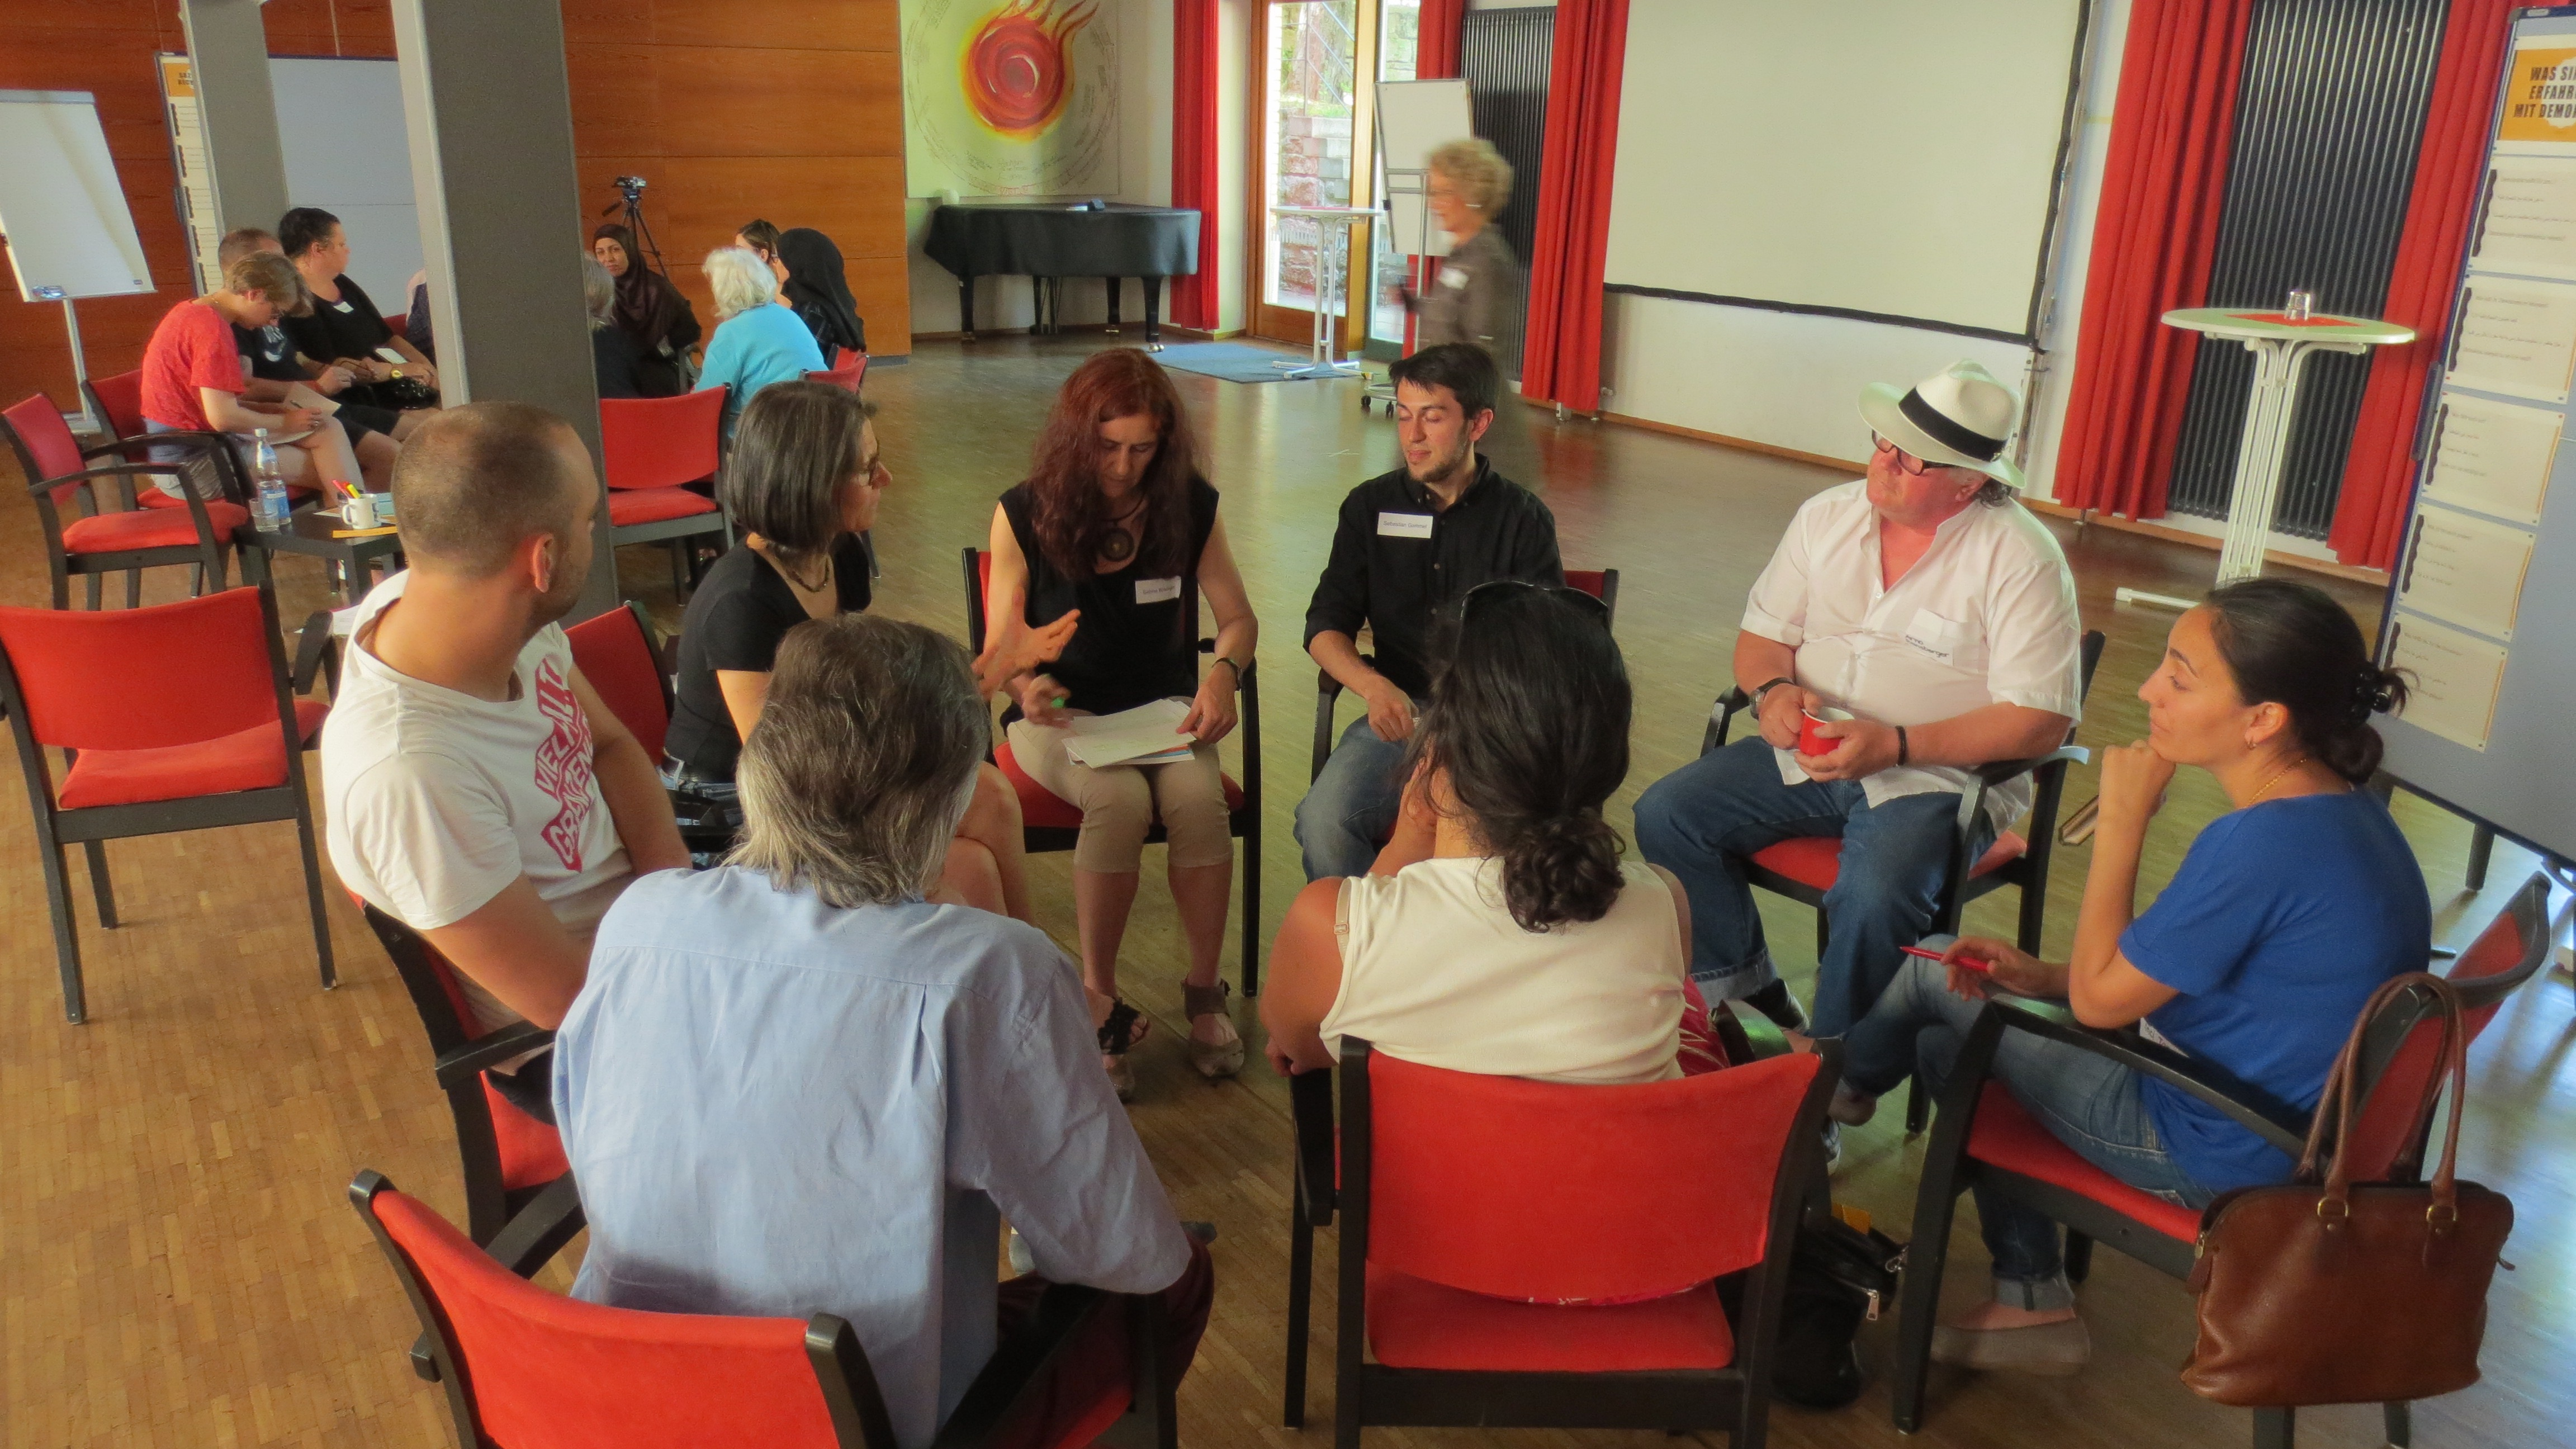 Menschen sitzen in einem Stuhlkreis und sind im Gespräch.